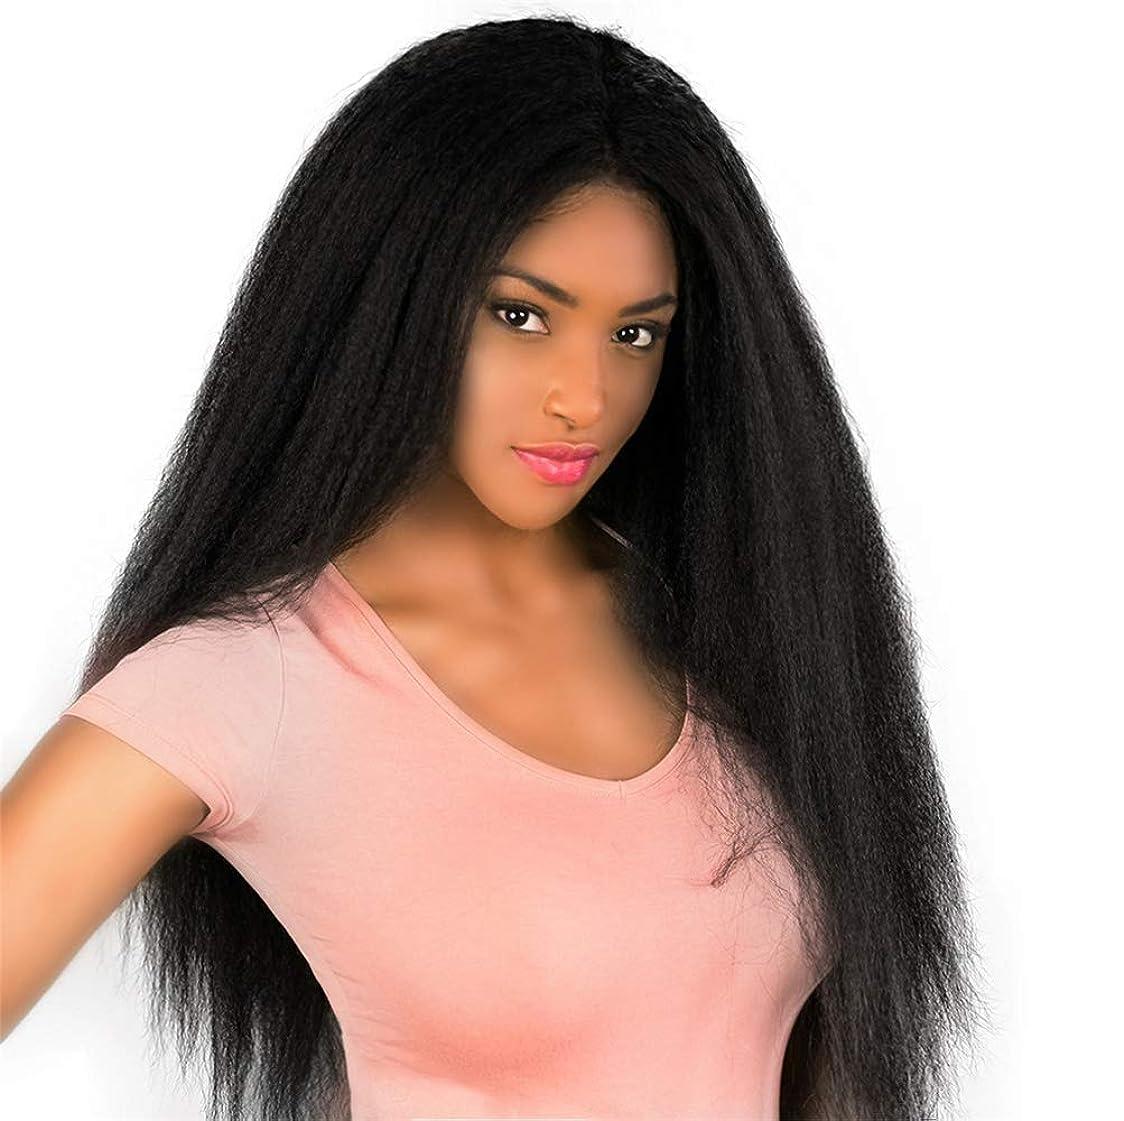 保険をかける朝の体操をする宣言女性自然なロングボブの髪ストレートかつら人工毛ウィッグブラック26インチ